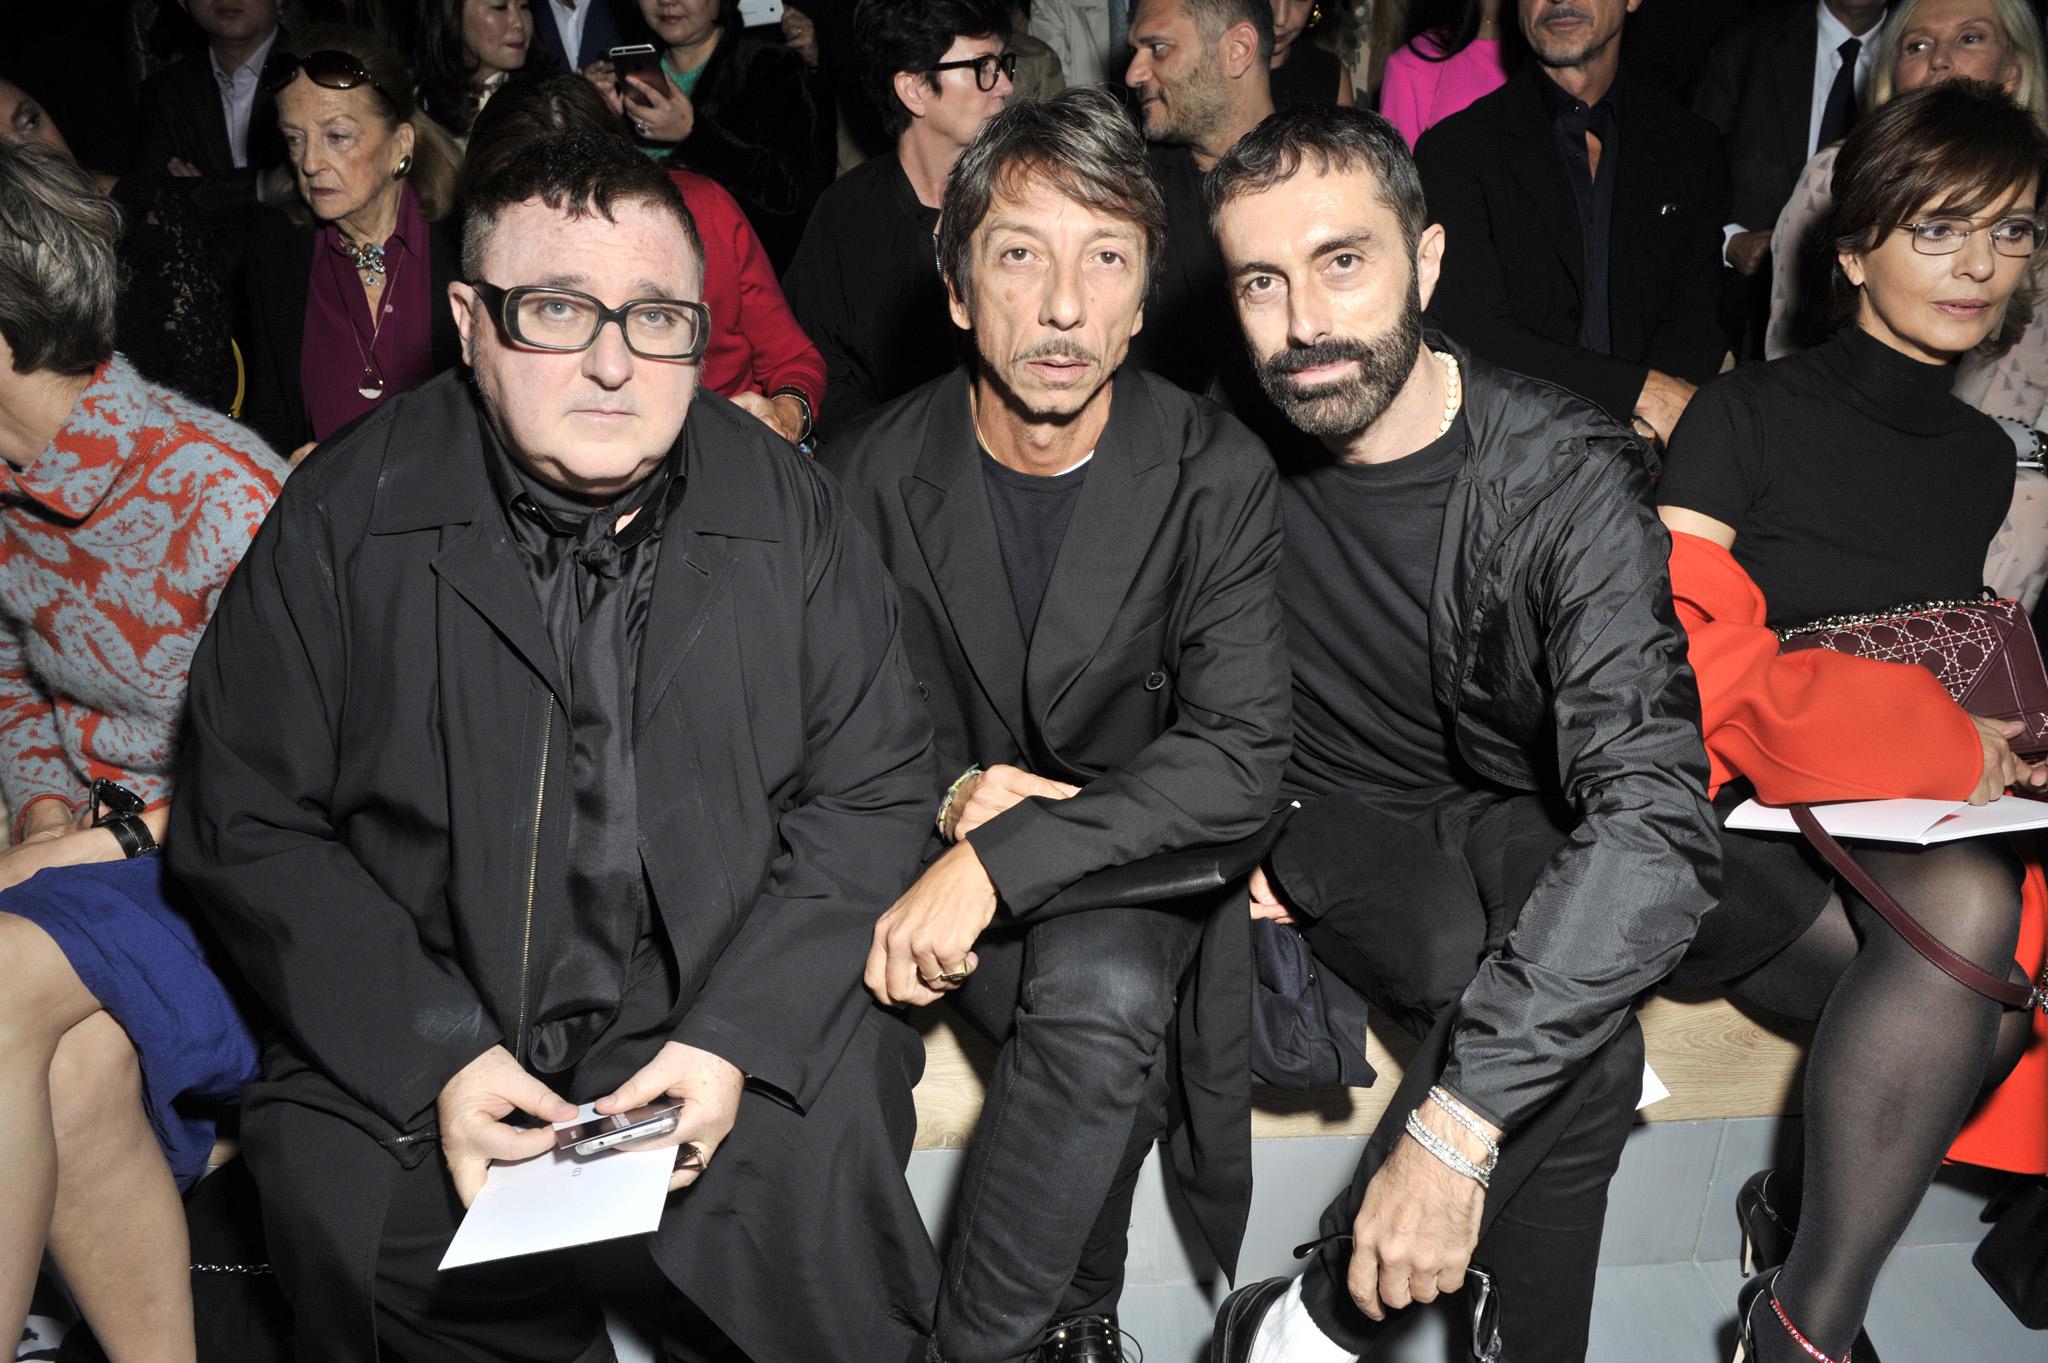 Alber Elbaz, Pierpaolo Piccioli and Giambattista Valli